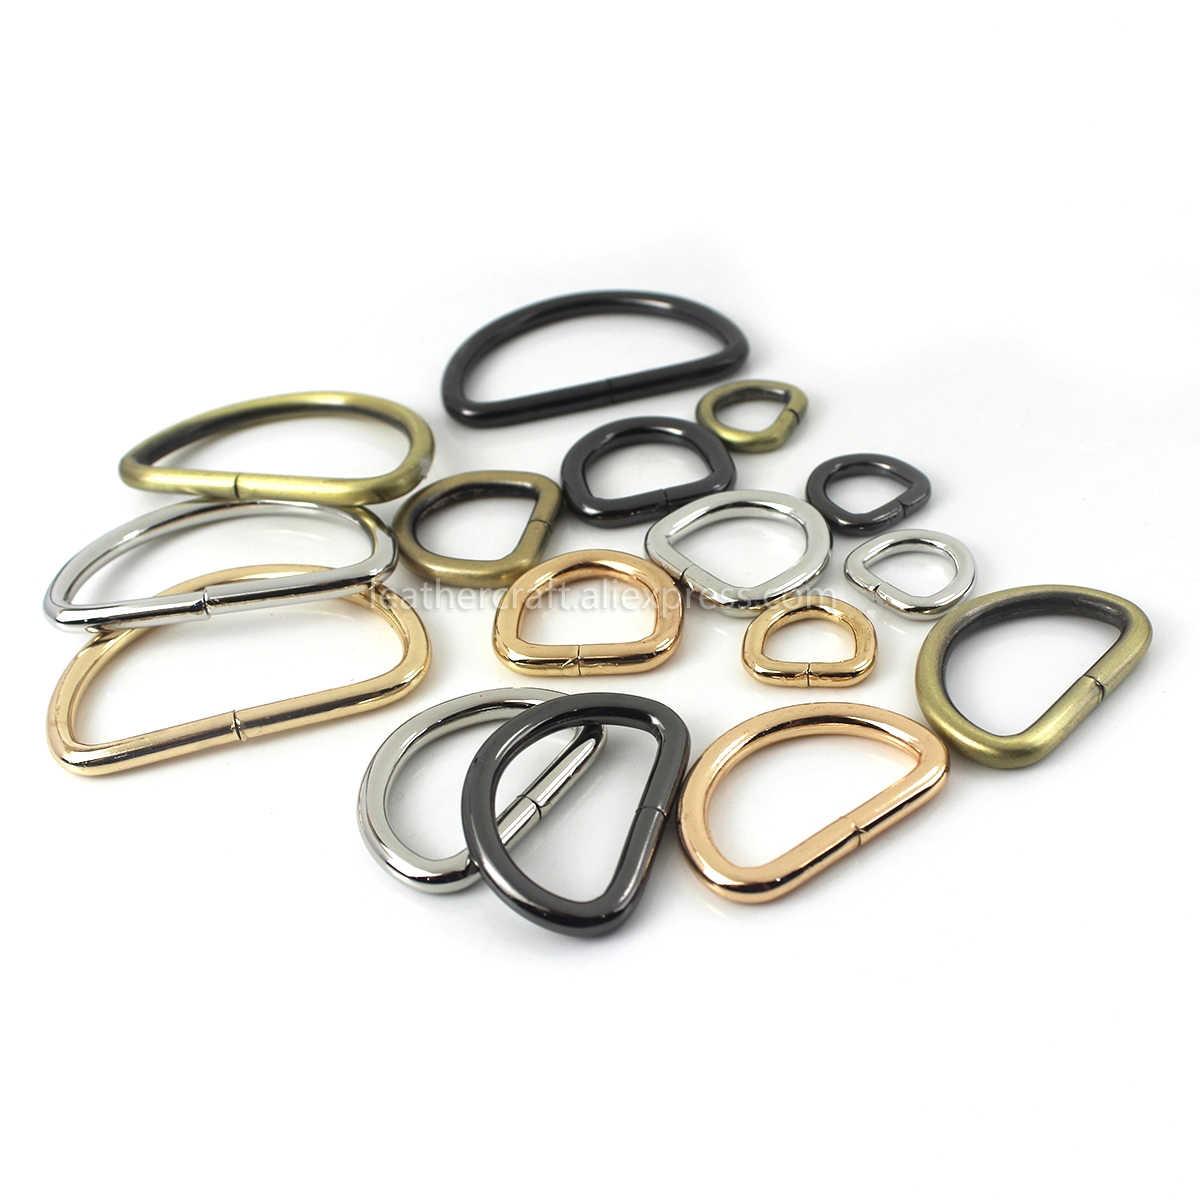 """1pcs 4/8 """"~ 2"""" די מתכת D טבעת אבזם לחגורה תרמיל תיק חלקי עור קרפט רצועה חגורת ארנק לחיות מחמד צווארון אבזם באיכות גבוהה"""